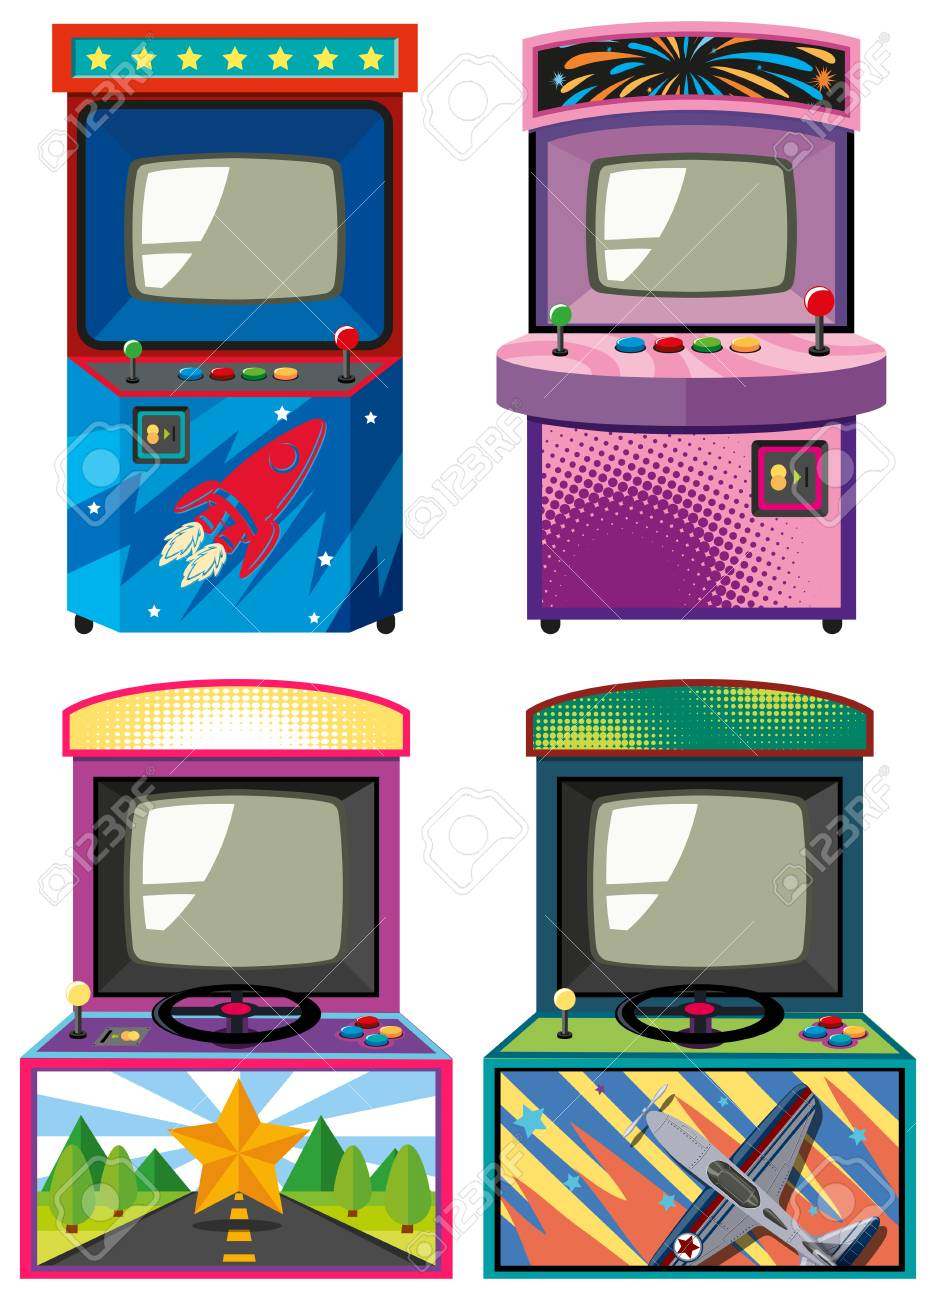 Cuatro De Diseno De Juegos Electronicos Gameboxes Ilustracion